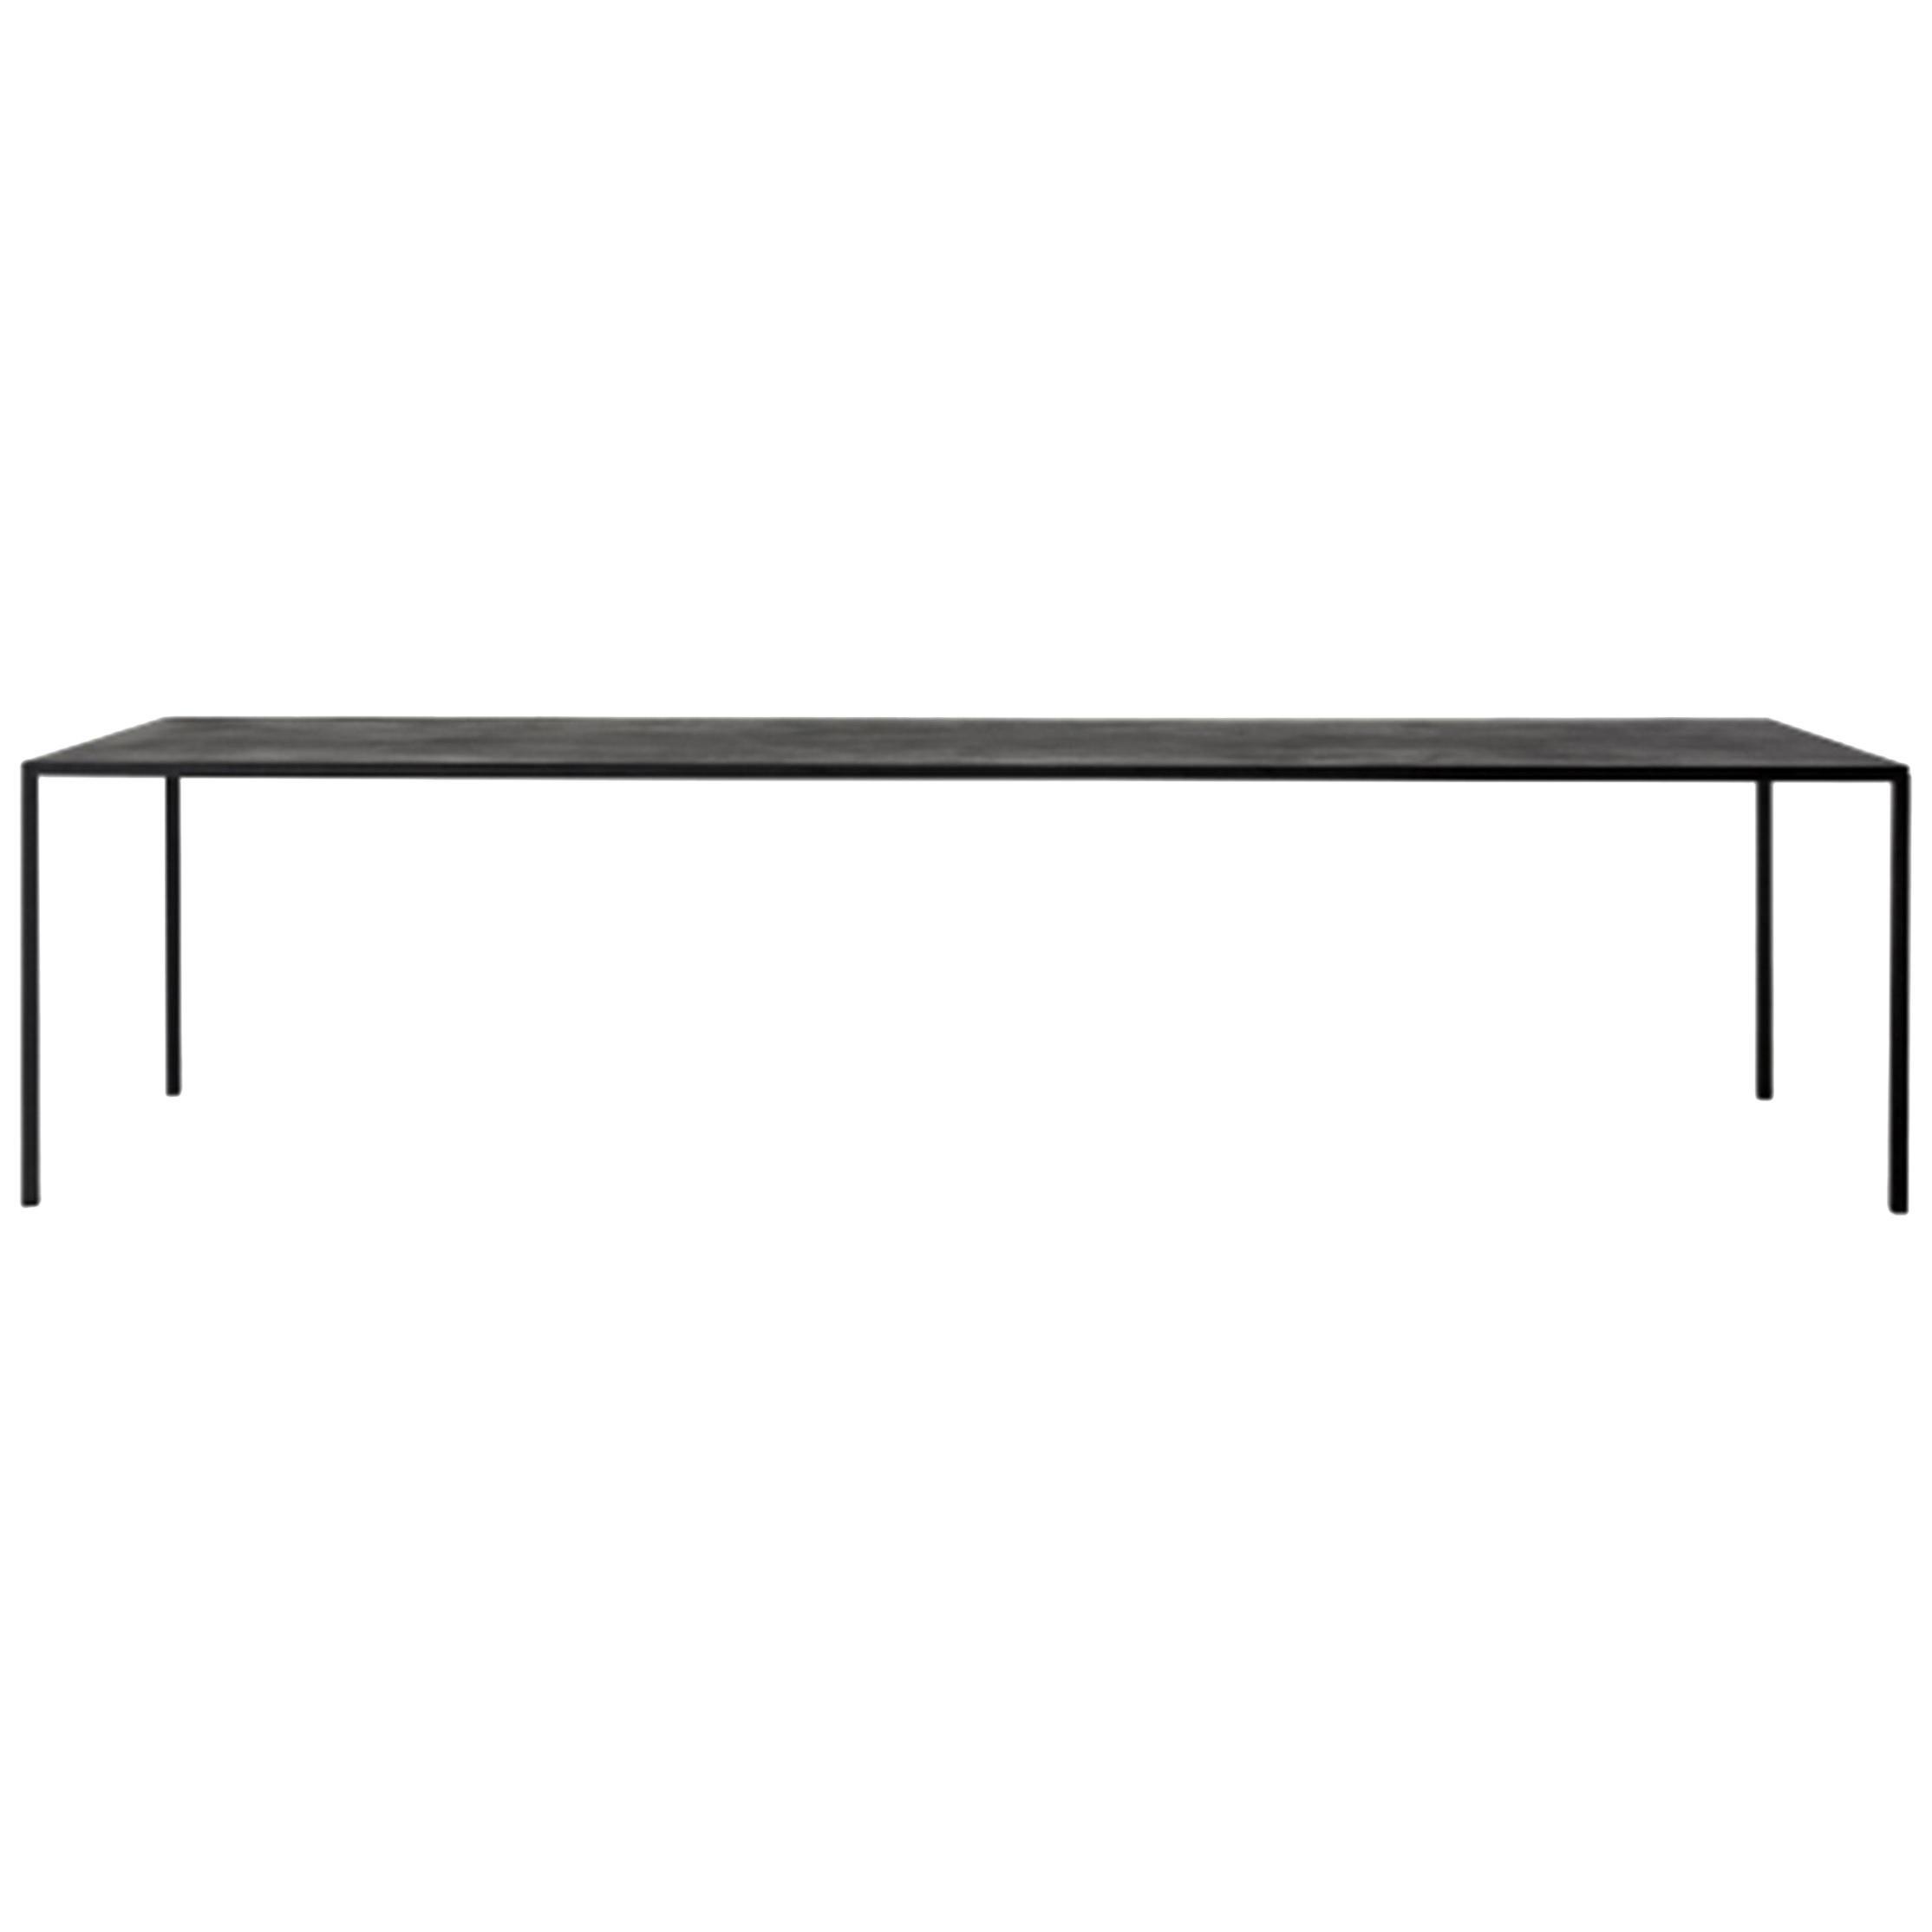 Desalto 25 Table Designed by Metrica Bruno Fattorini & Robin Rizzini